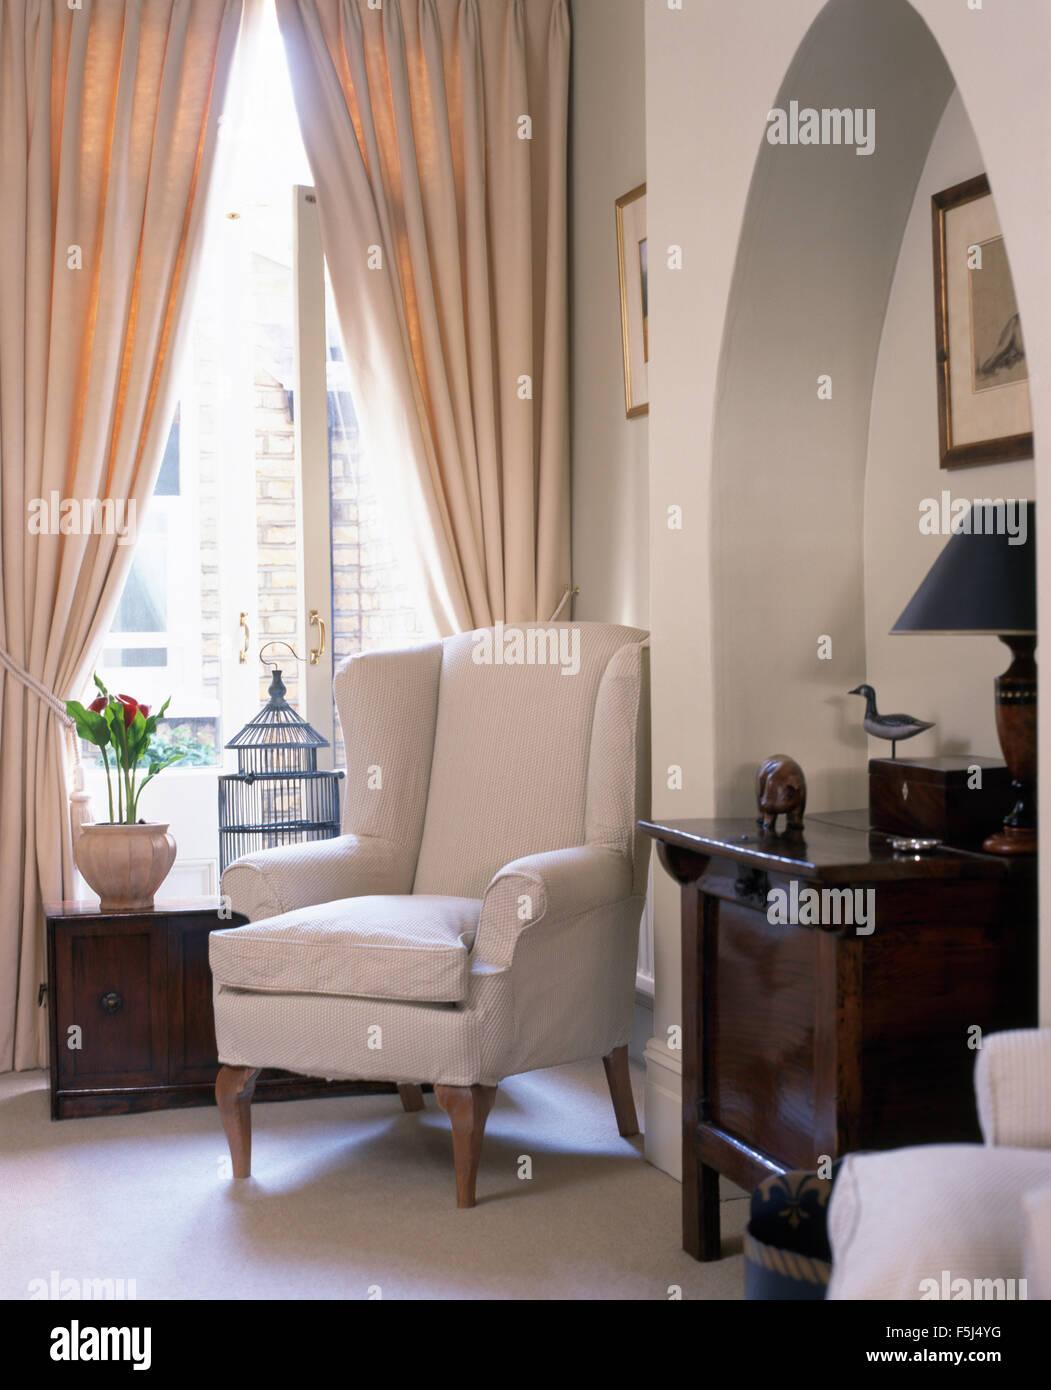 Weiße Ohrensessel Vor Fenster Mit Sahne Vorhänge In Stadthaus Wohnzimmer  Mit Eine Antike Truhe Im Alkoven